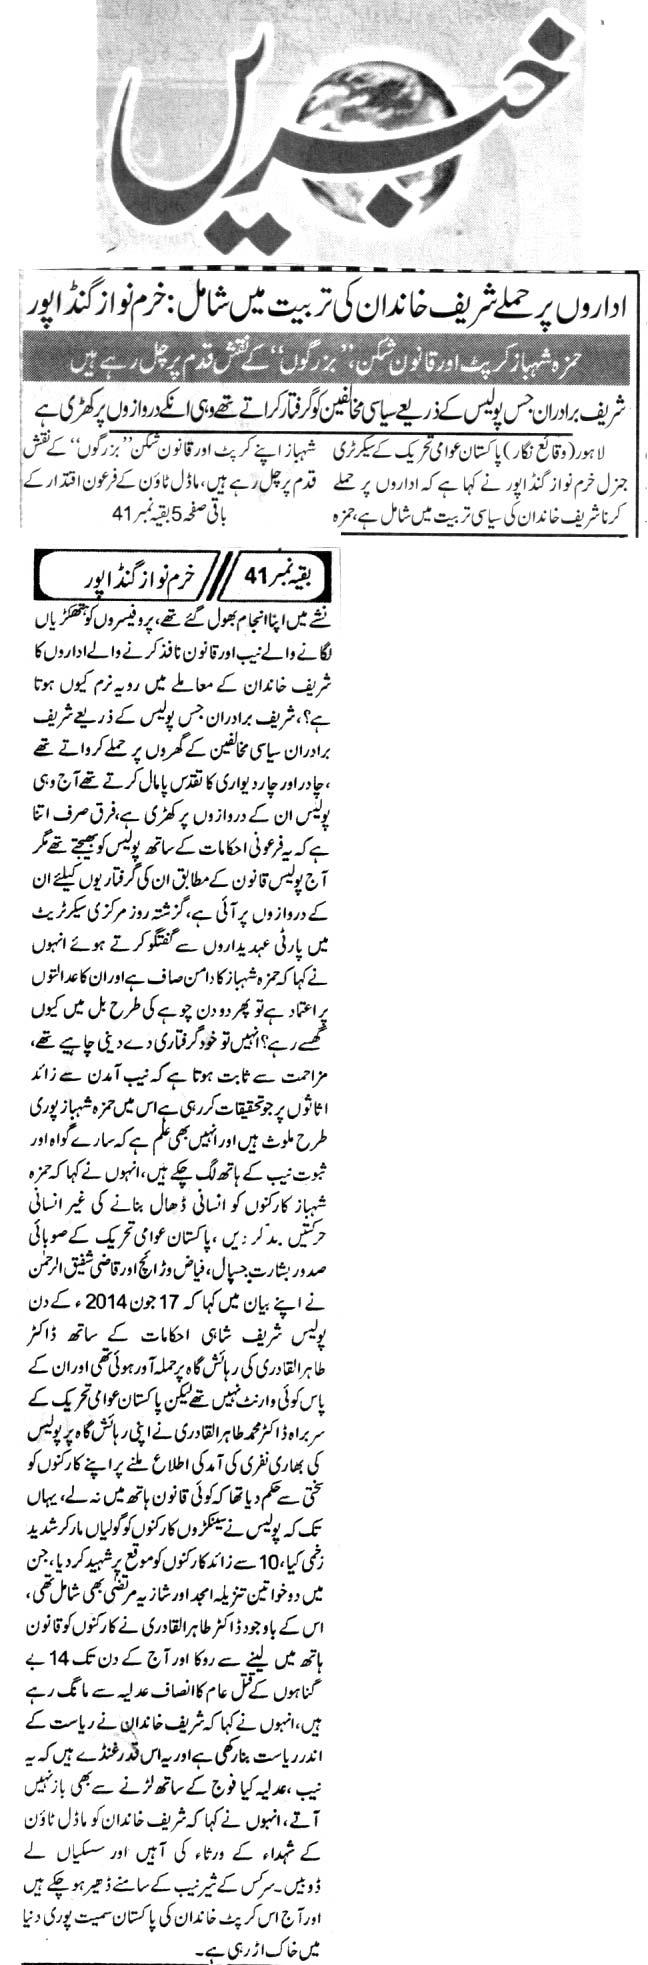 تحریک منہاج القرآن Pakistan Awami Tehreek  Print Media Coverage پرنٹ میڈیا کوریج DAILY KHABRAIN CITY PAGE